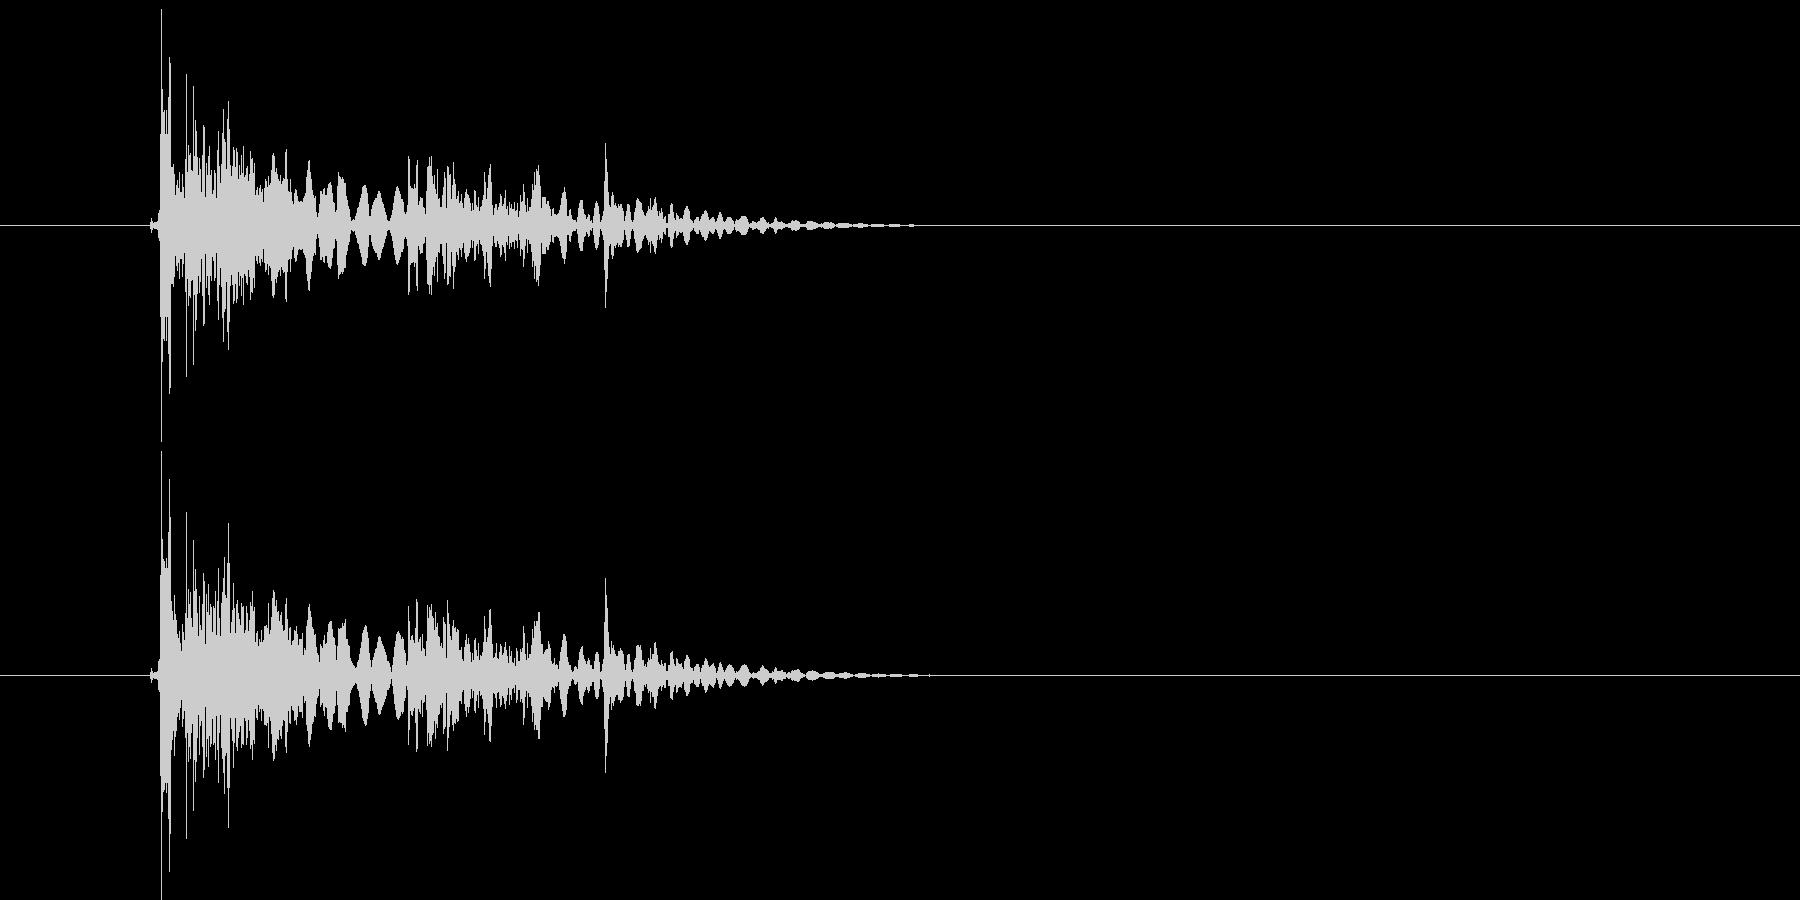 ガンガラガラ(岩が砕けるような効果音)の未再生の波形